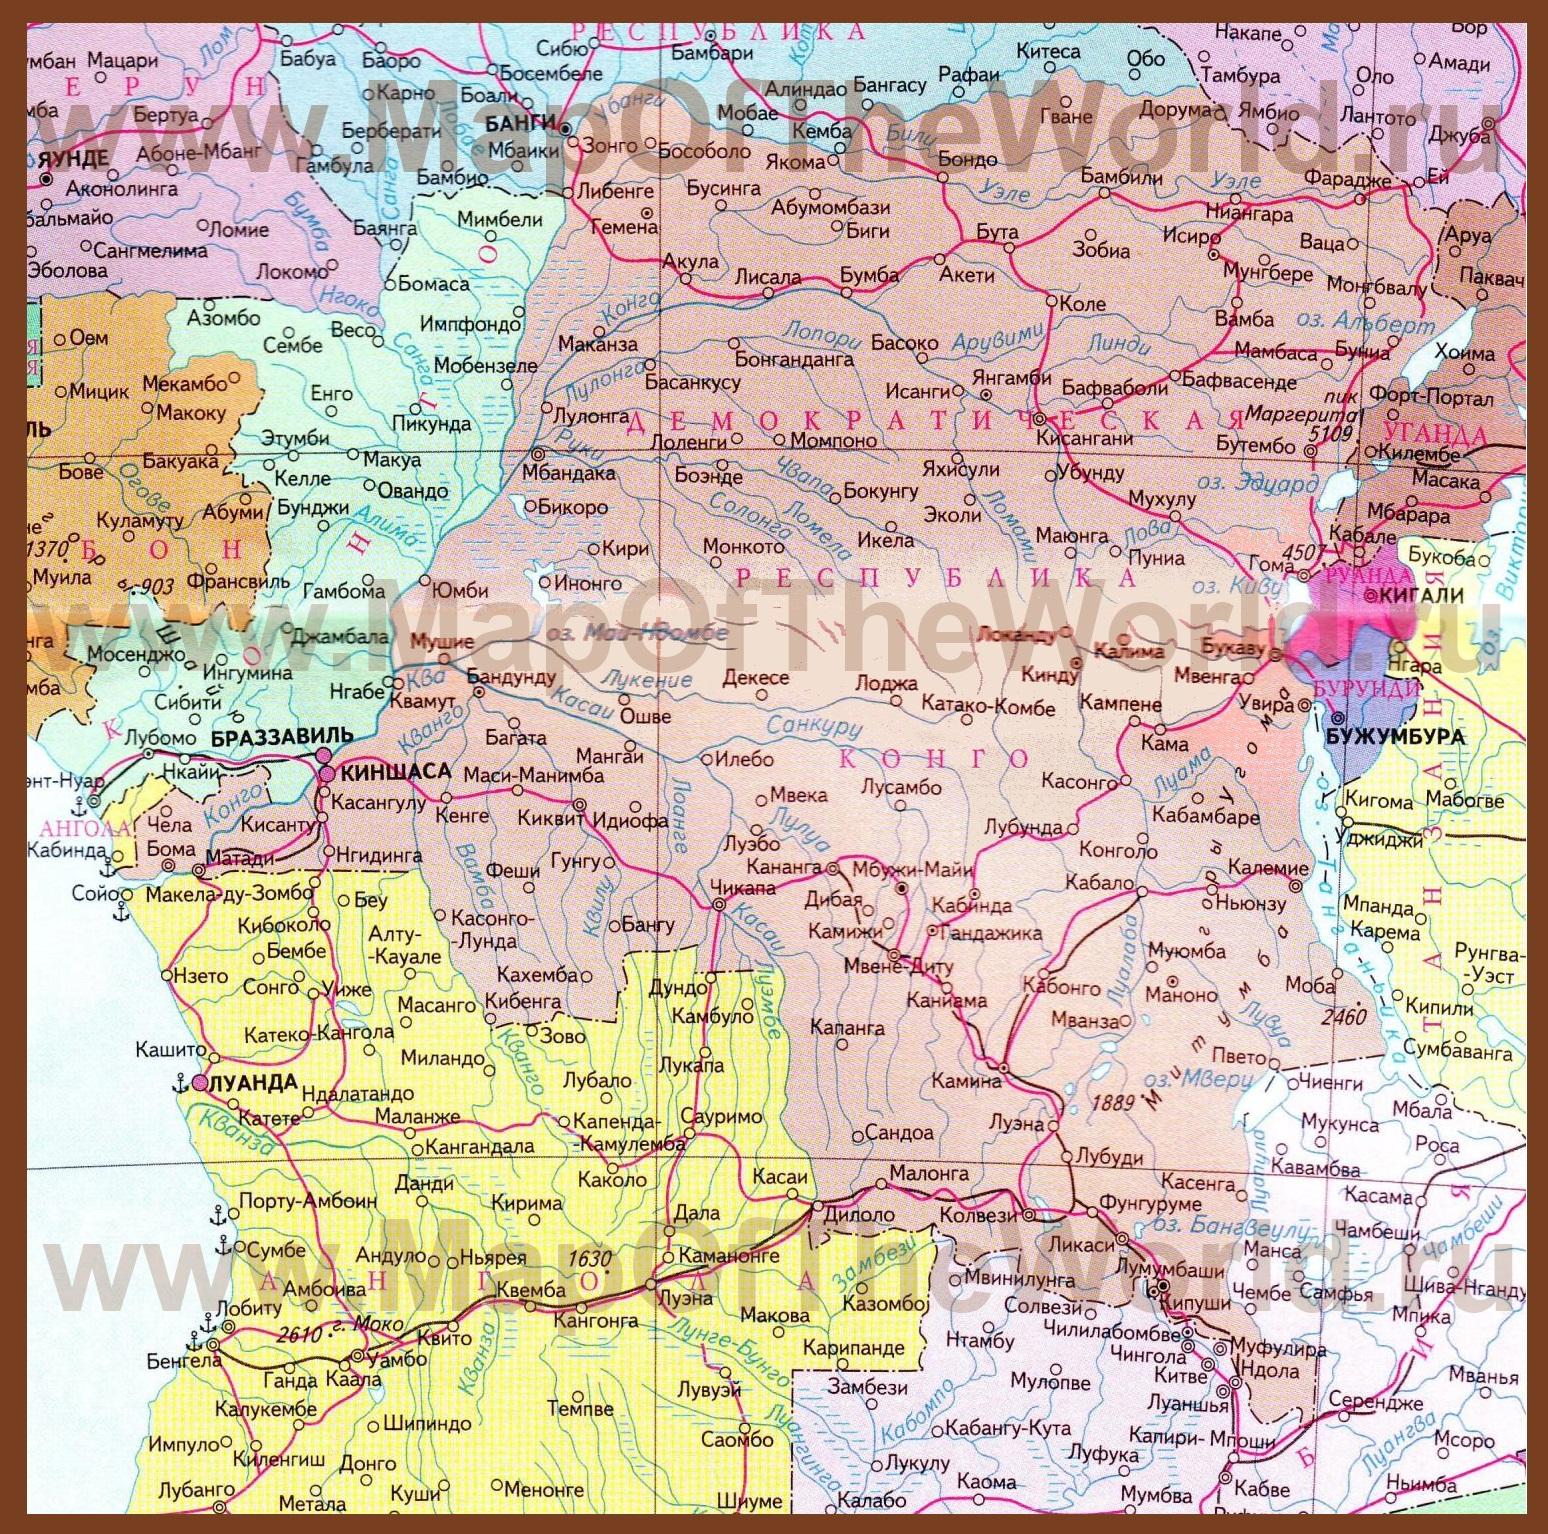 Конго заир на русском языке